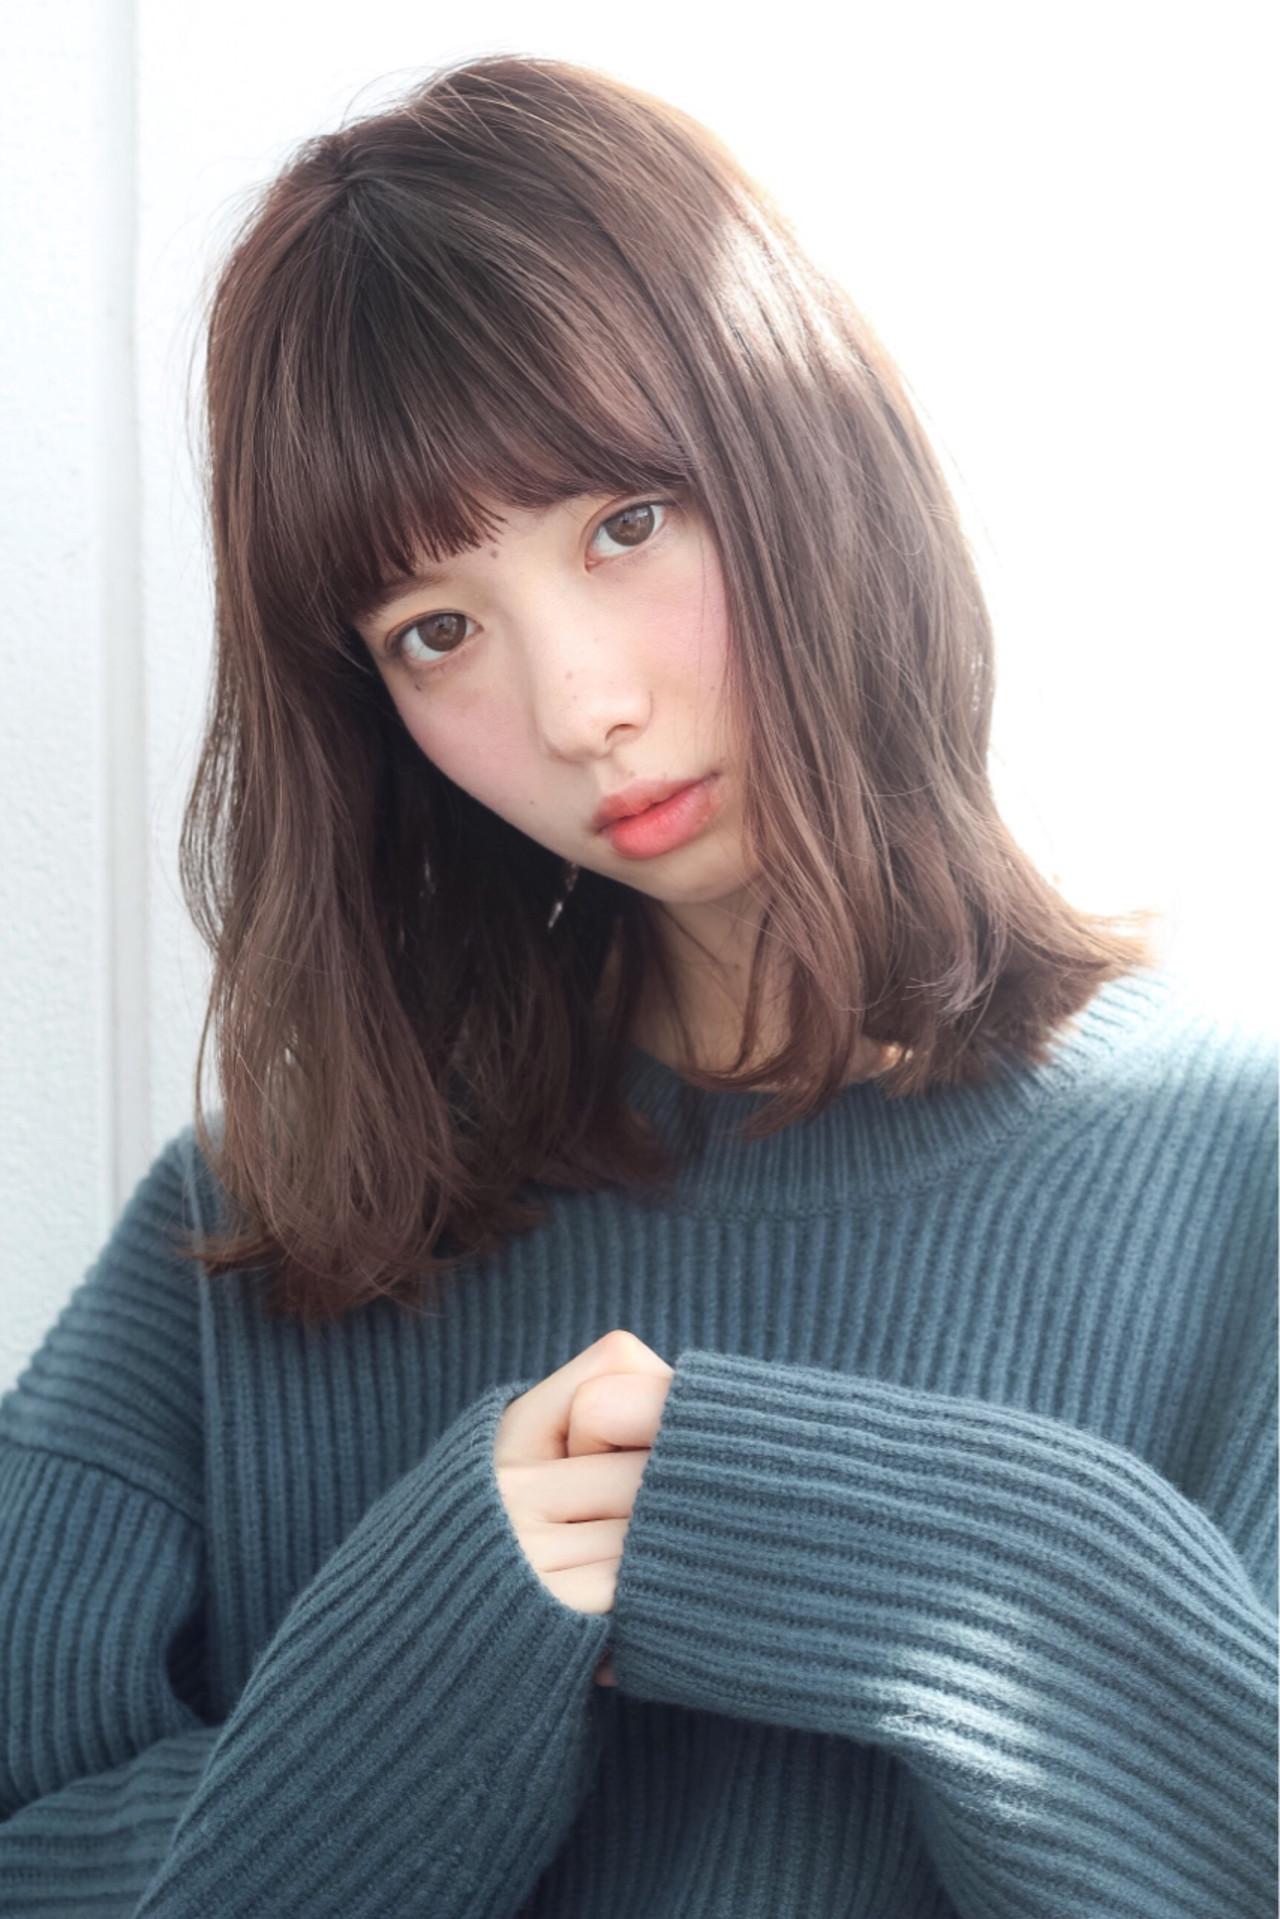 パーマ ミディアム ピュア ガーリー ヘアスタイルや髪型の写真・画像 | lora.garden 細田真吾 / lora.garden